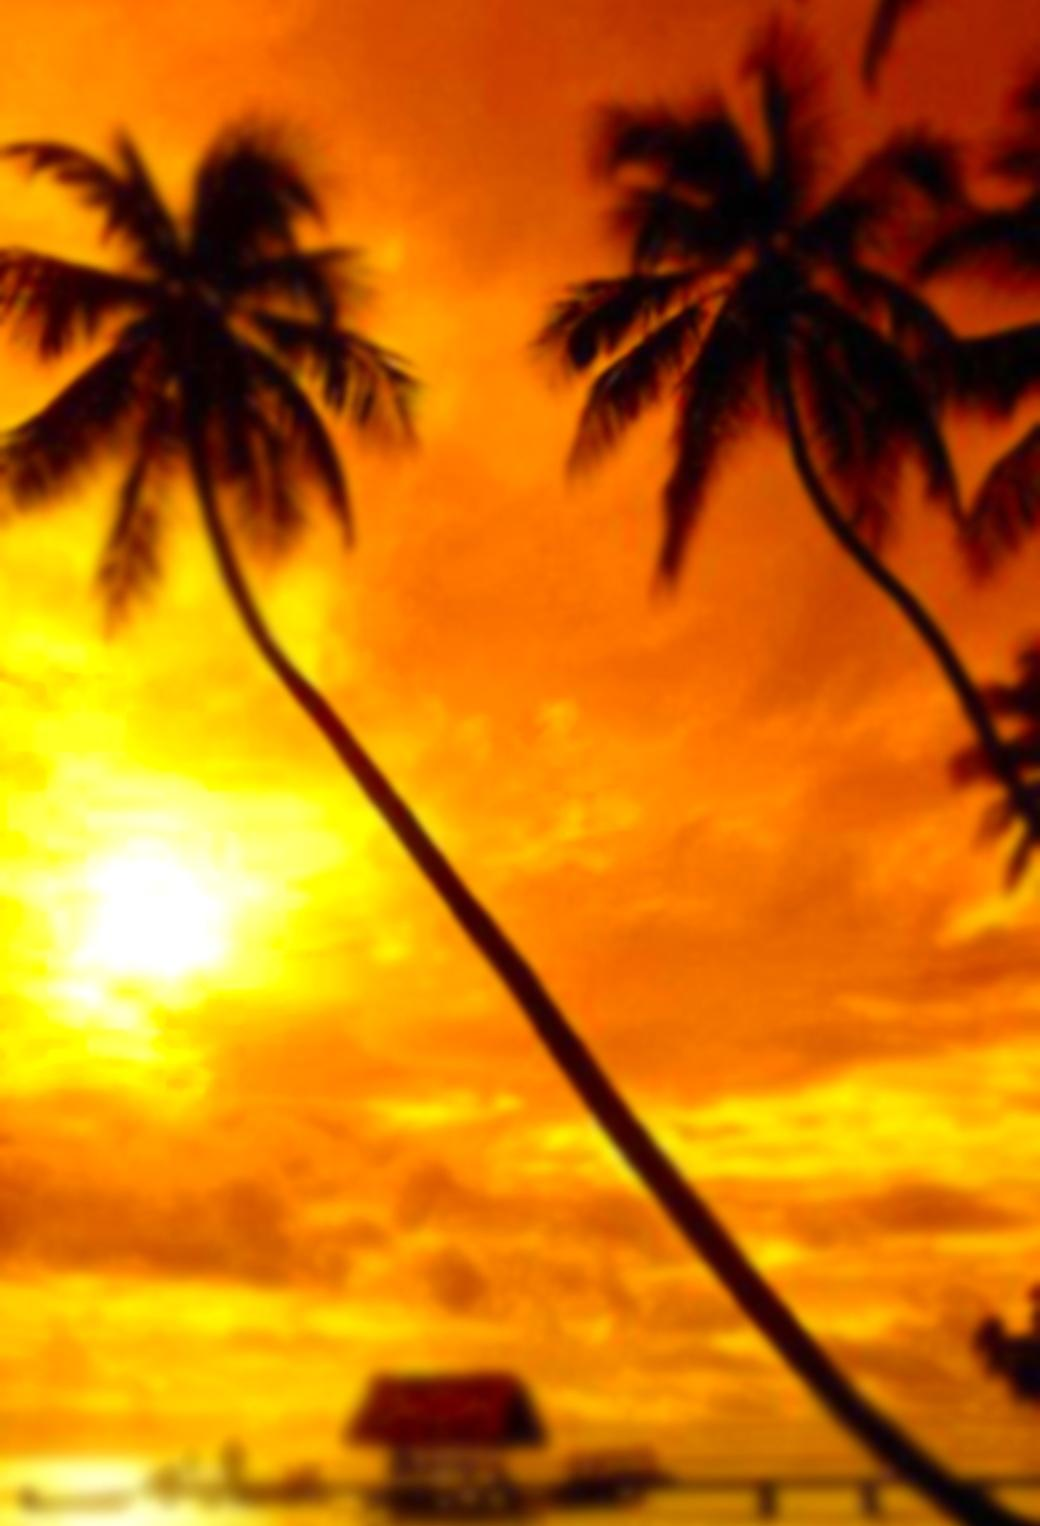 夕焼けの海 24 Iphone壁紙 すべて1136 X 640pxサイズ